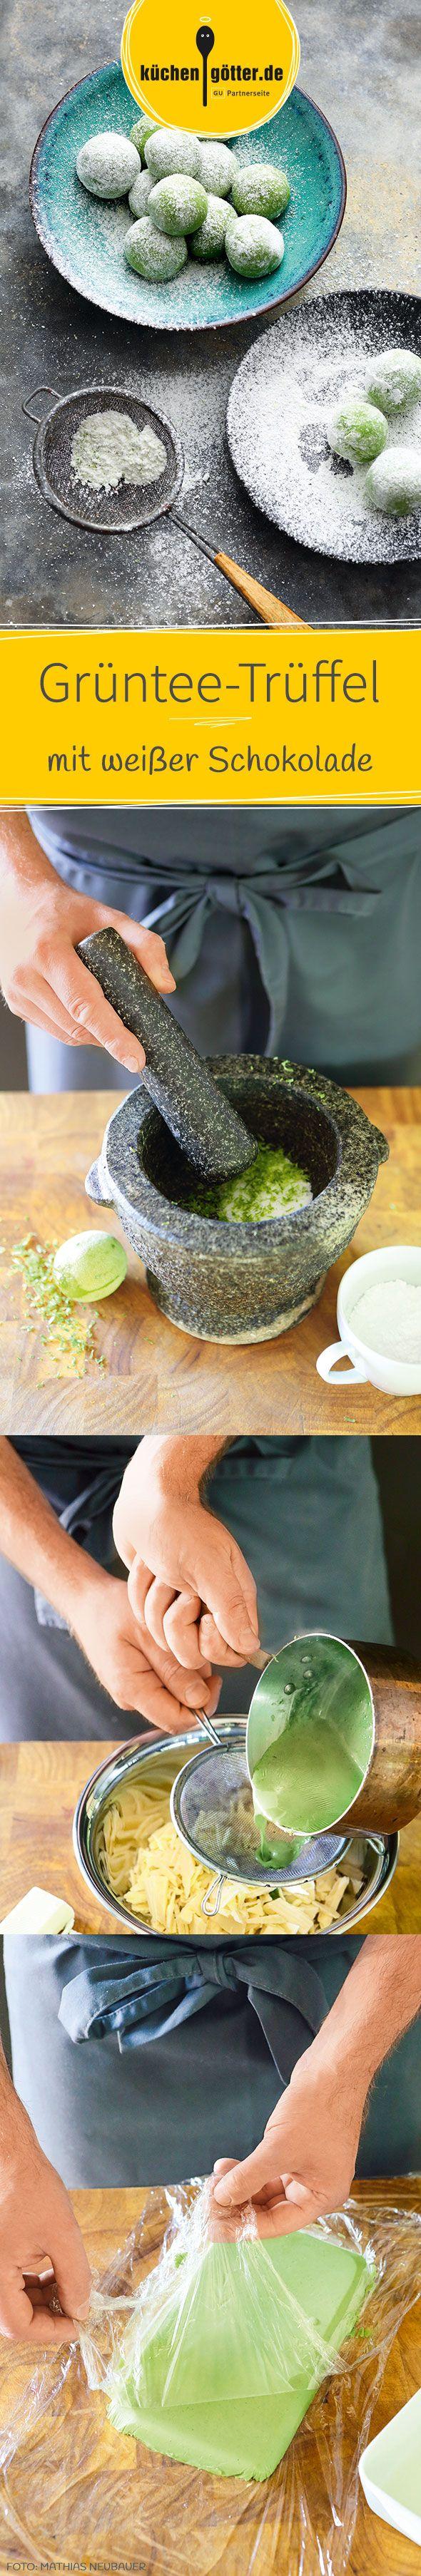 GRÜNTEE-TRÜFFEL MIT WEISSER SCHOKOLADE - Matcha Latte und Green Chai waren gestern! Zum großen Finale gibt es für die Gäste etwas ganz Besonderes: eine süße Trüffel-Kreation mit dem japanischen Teepulver. Unser Rezept für die etwas andere Praline.